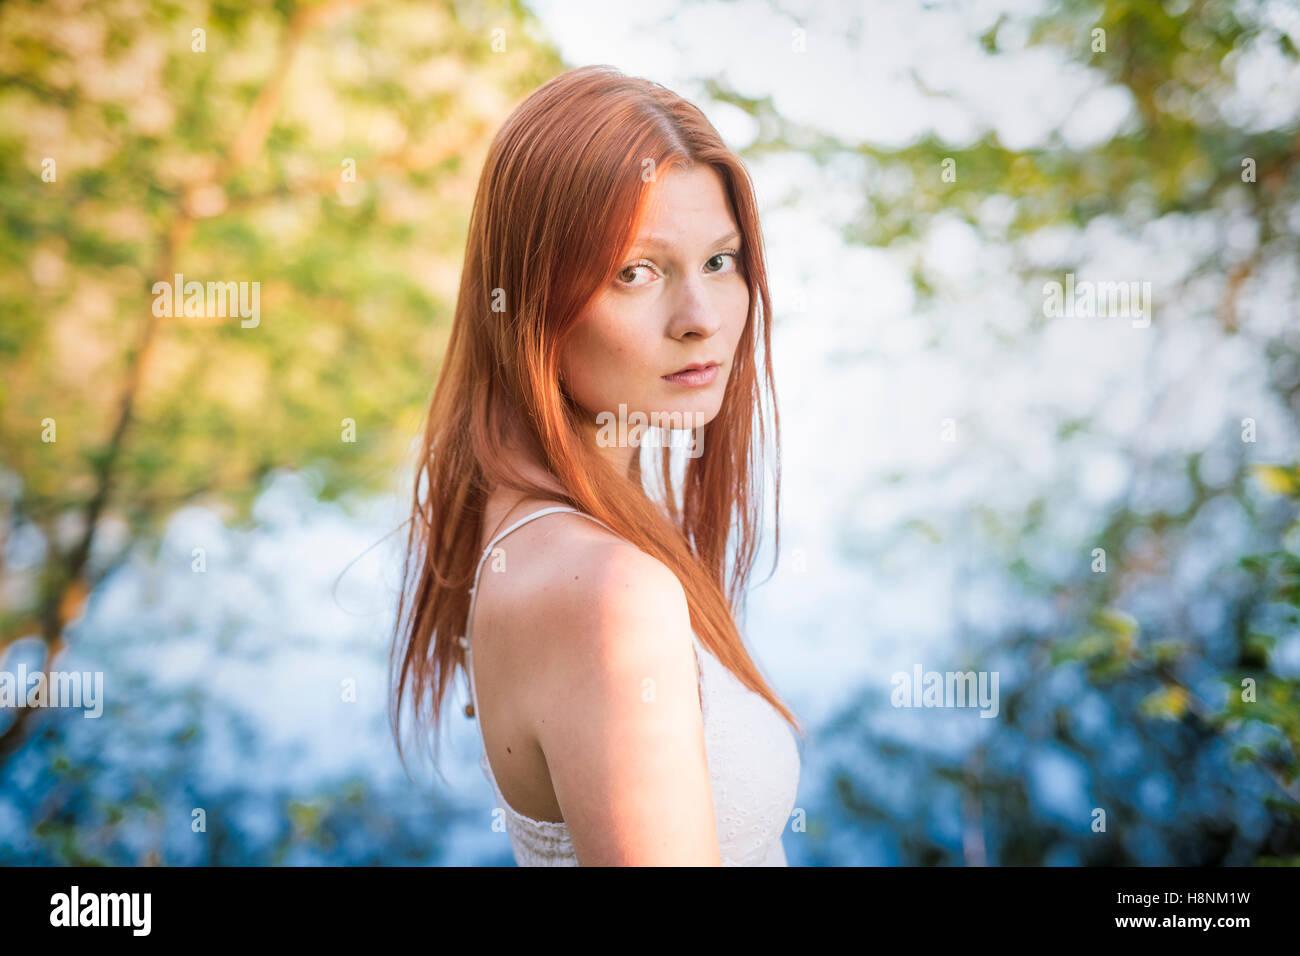 Porträt der jungen Frau im Wald Stockbild